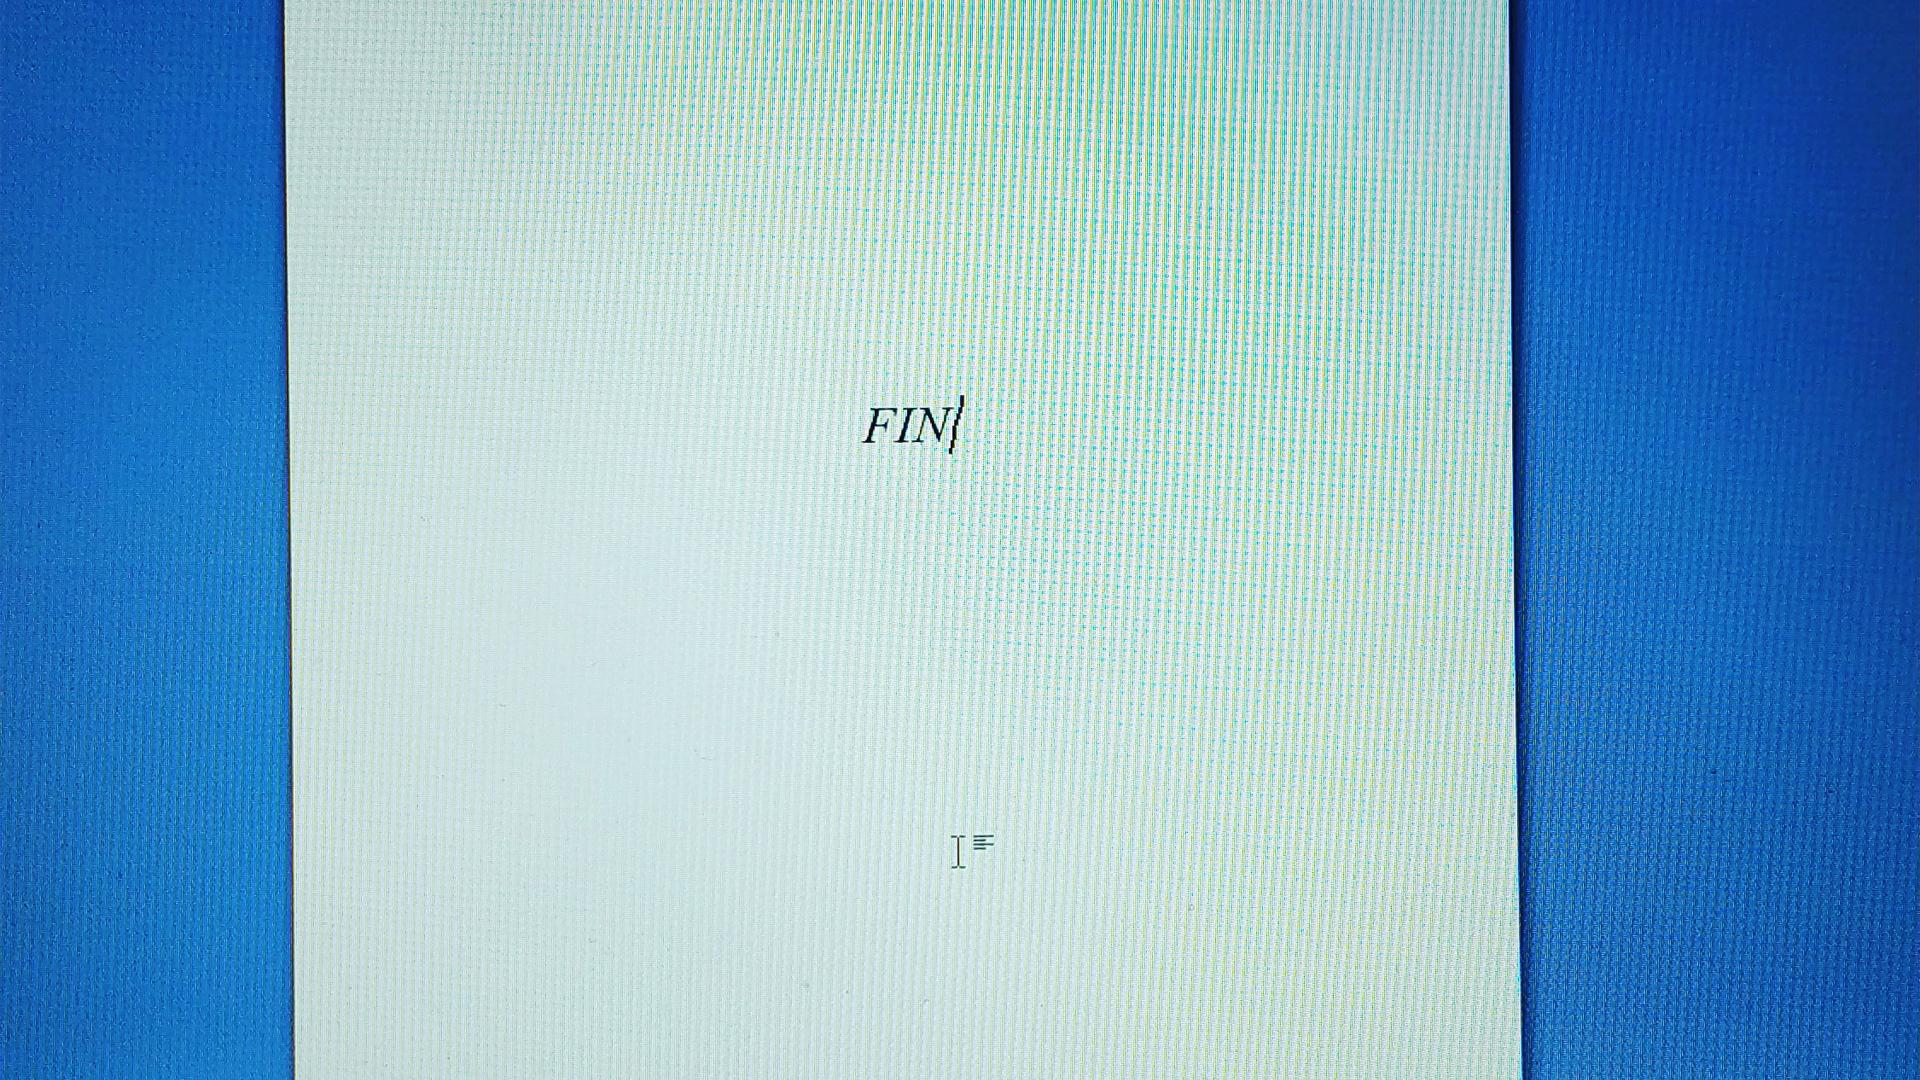 Mon 4ème roman s'achève aujourd'hui !